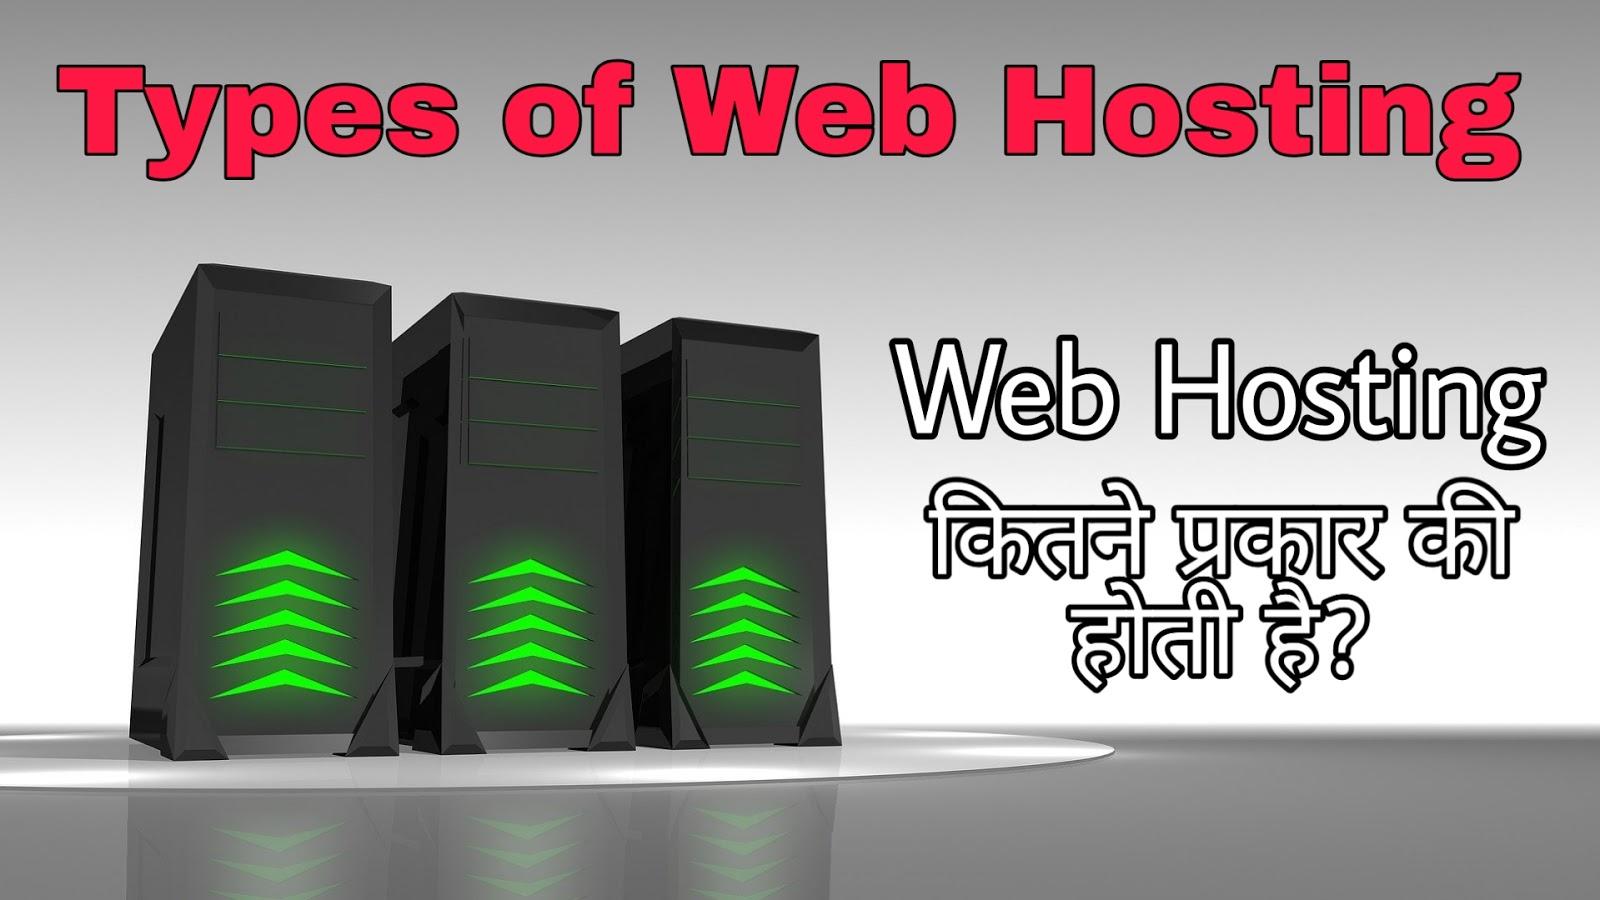 Web Hosting Kya Hai  | What is Web Hosting in Hindi - पूरी जानकारी हिंदी में